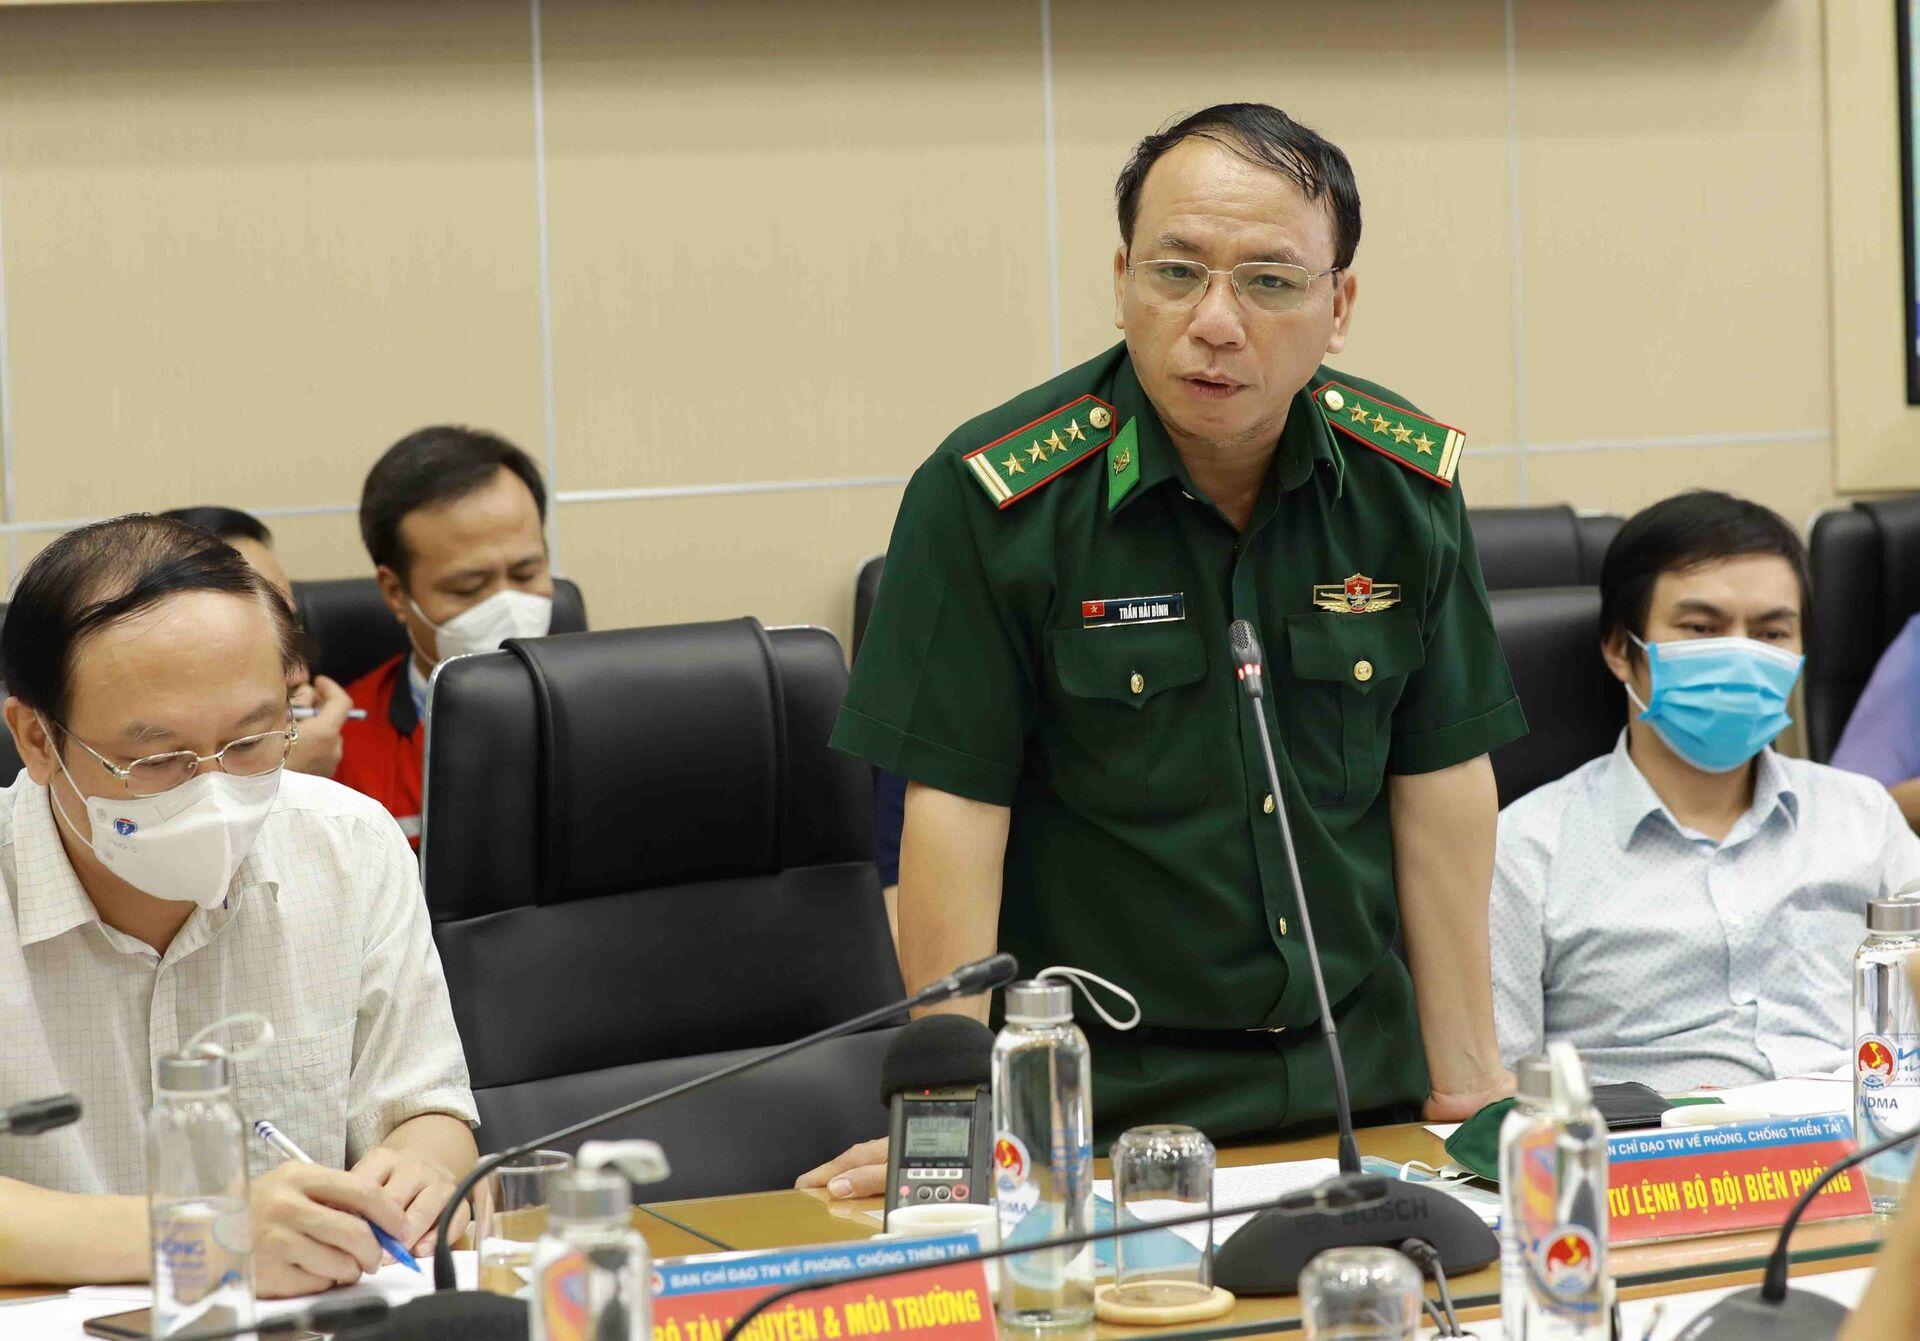 Đại diện Bộ đội Biên phòng báo cáo về công tác chuẩn bị ứng phó với bão số 6. - Sputnik Việt Nam, 1920, 05.10.2021